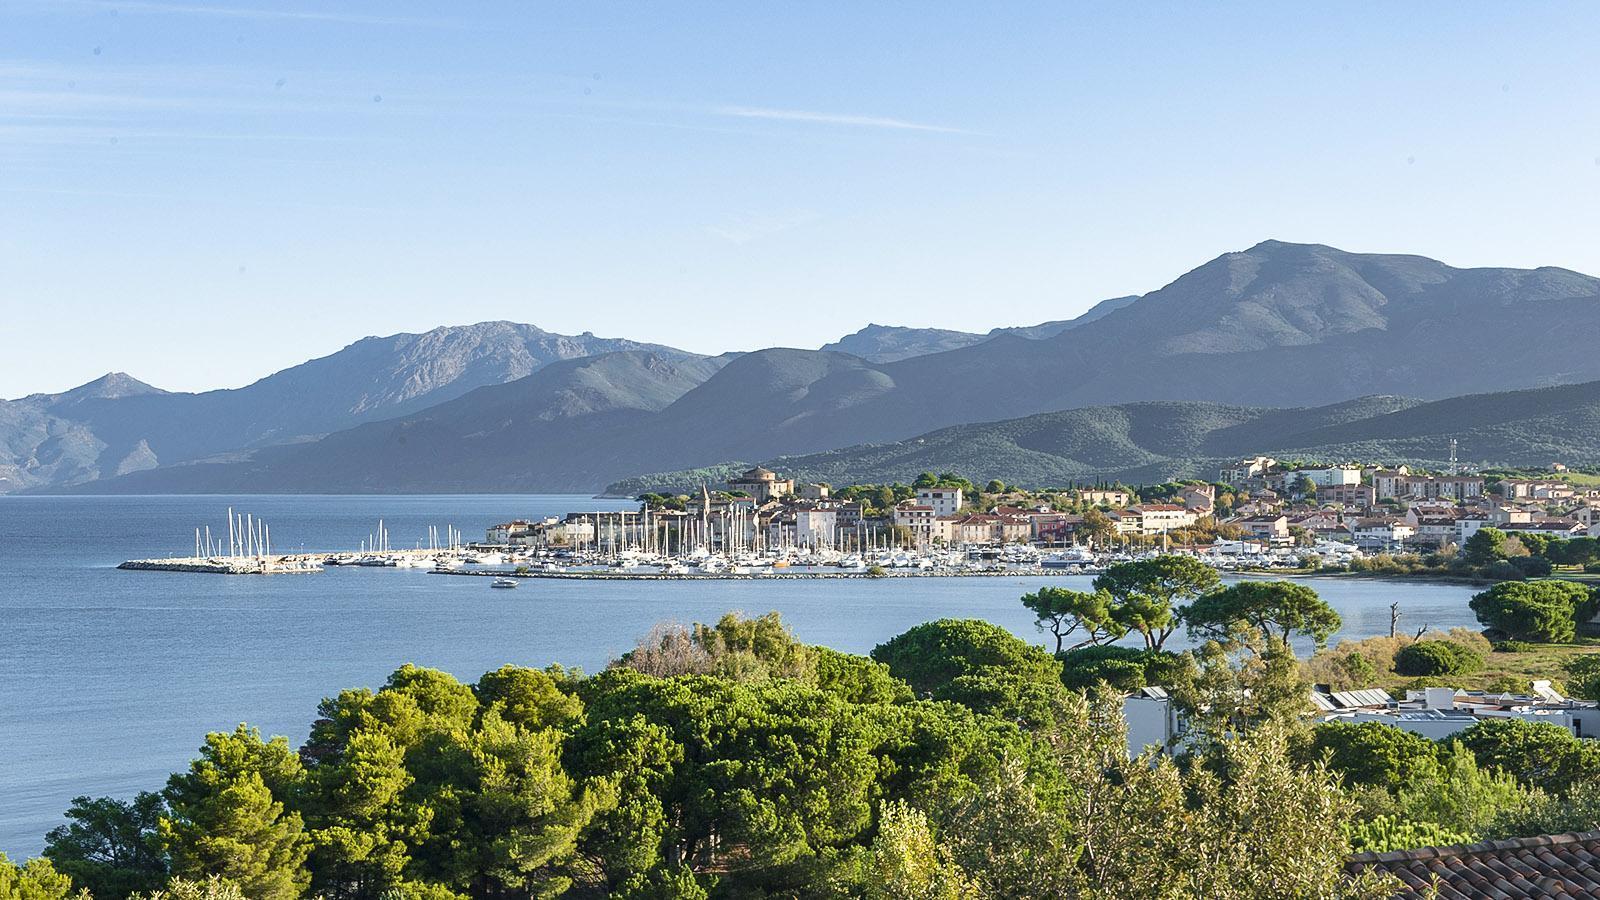 Segeln: Blick auf Saint-Florent im Nordwesten von Korsika. Foto: Hilke Maunder